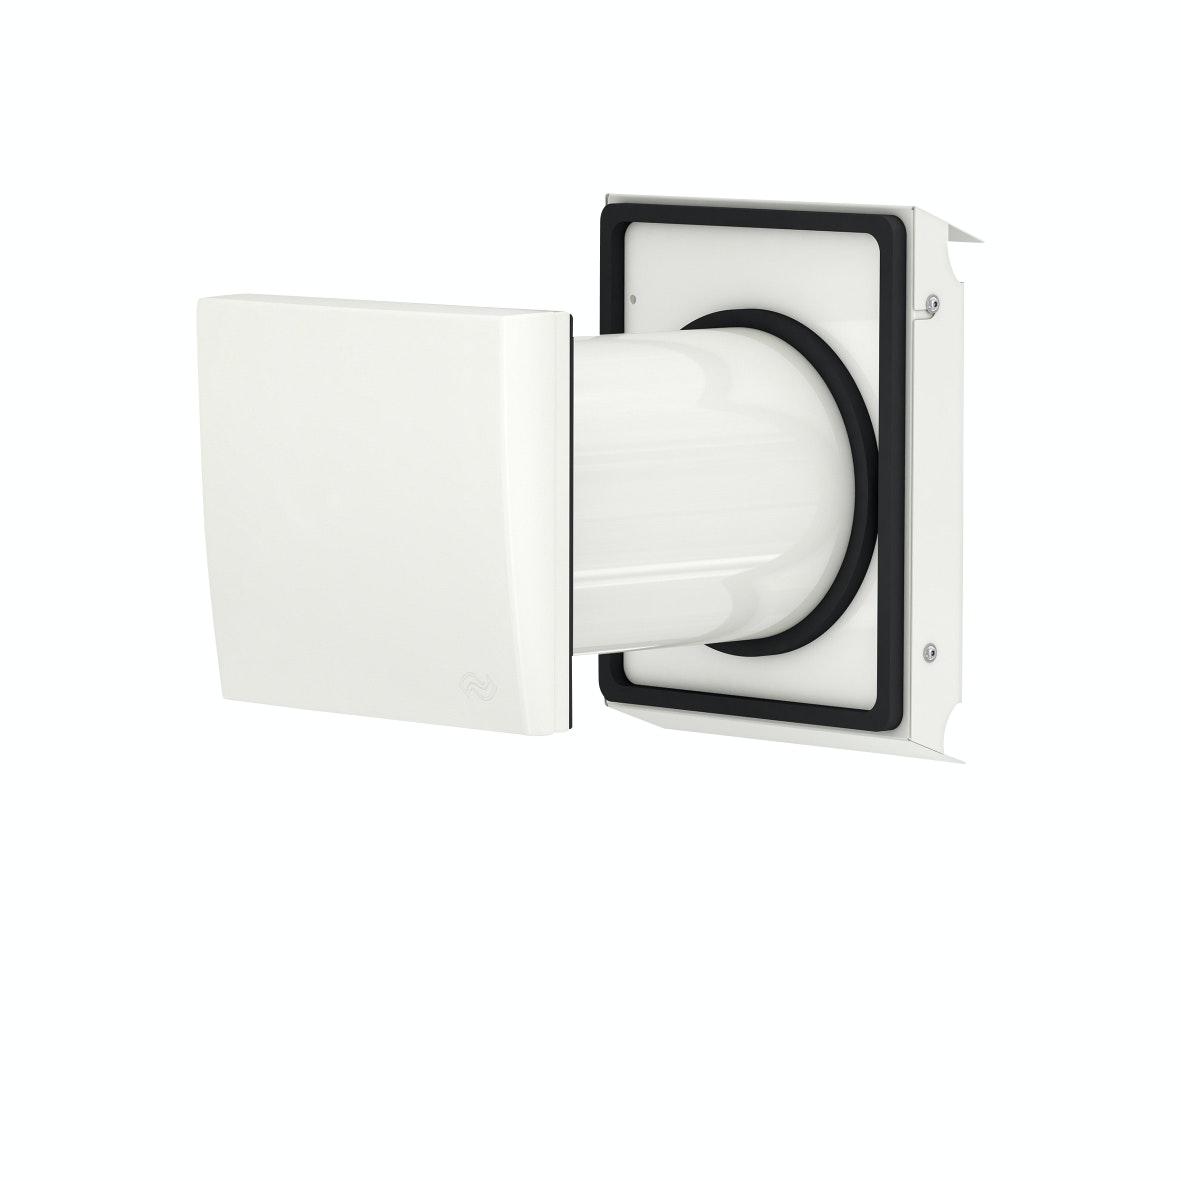 Ventilationaggregat Pax 1150-1 Mistral